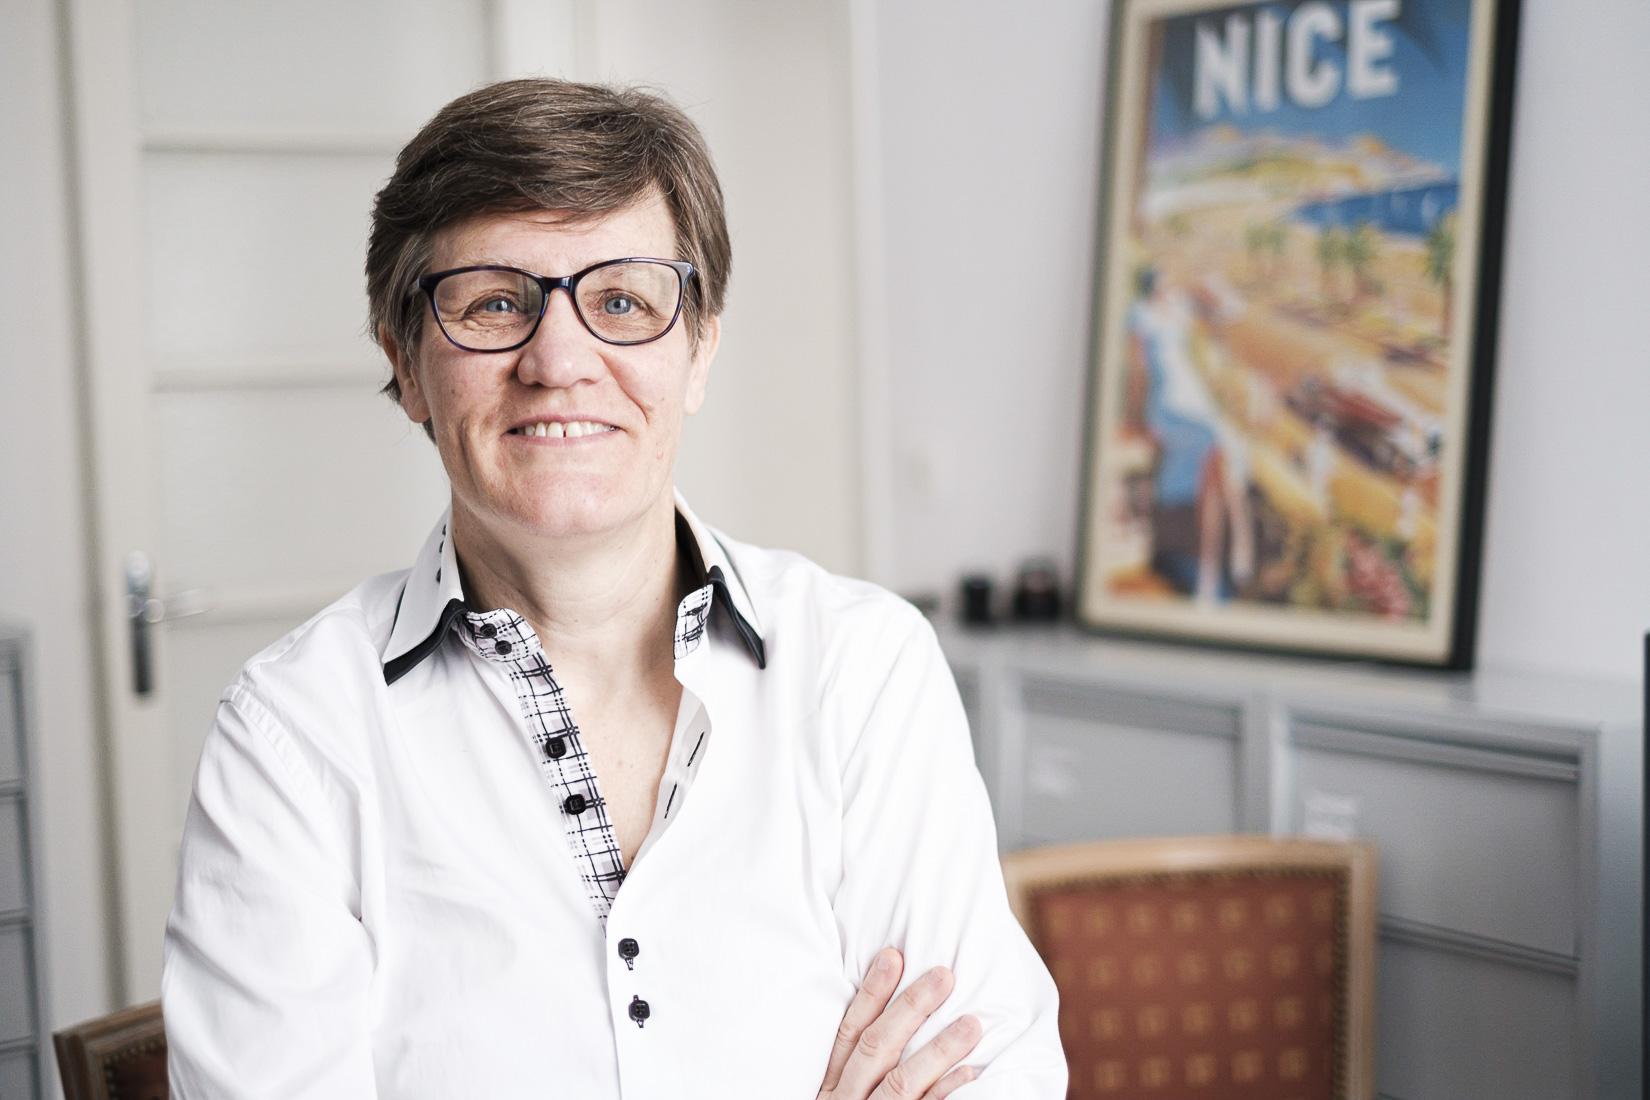 Conseiller Financier à Monaco | Directeur Financier Indépendant Monaco, Cannes